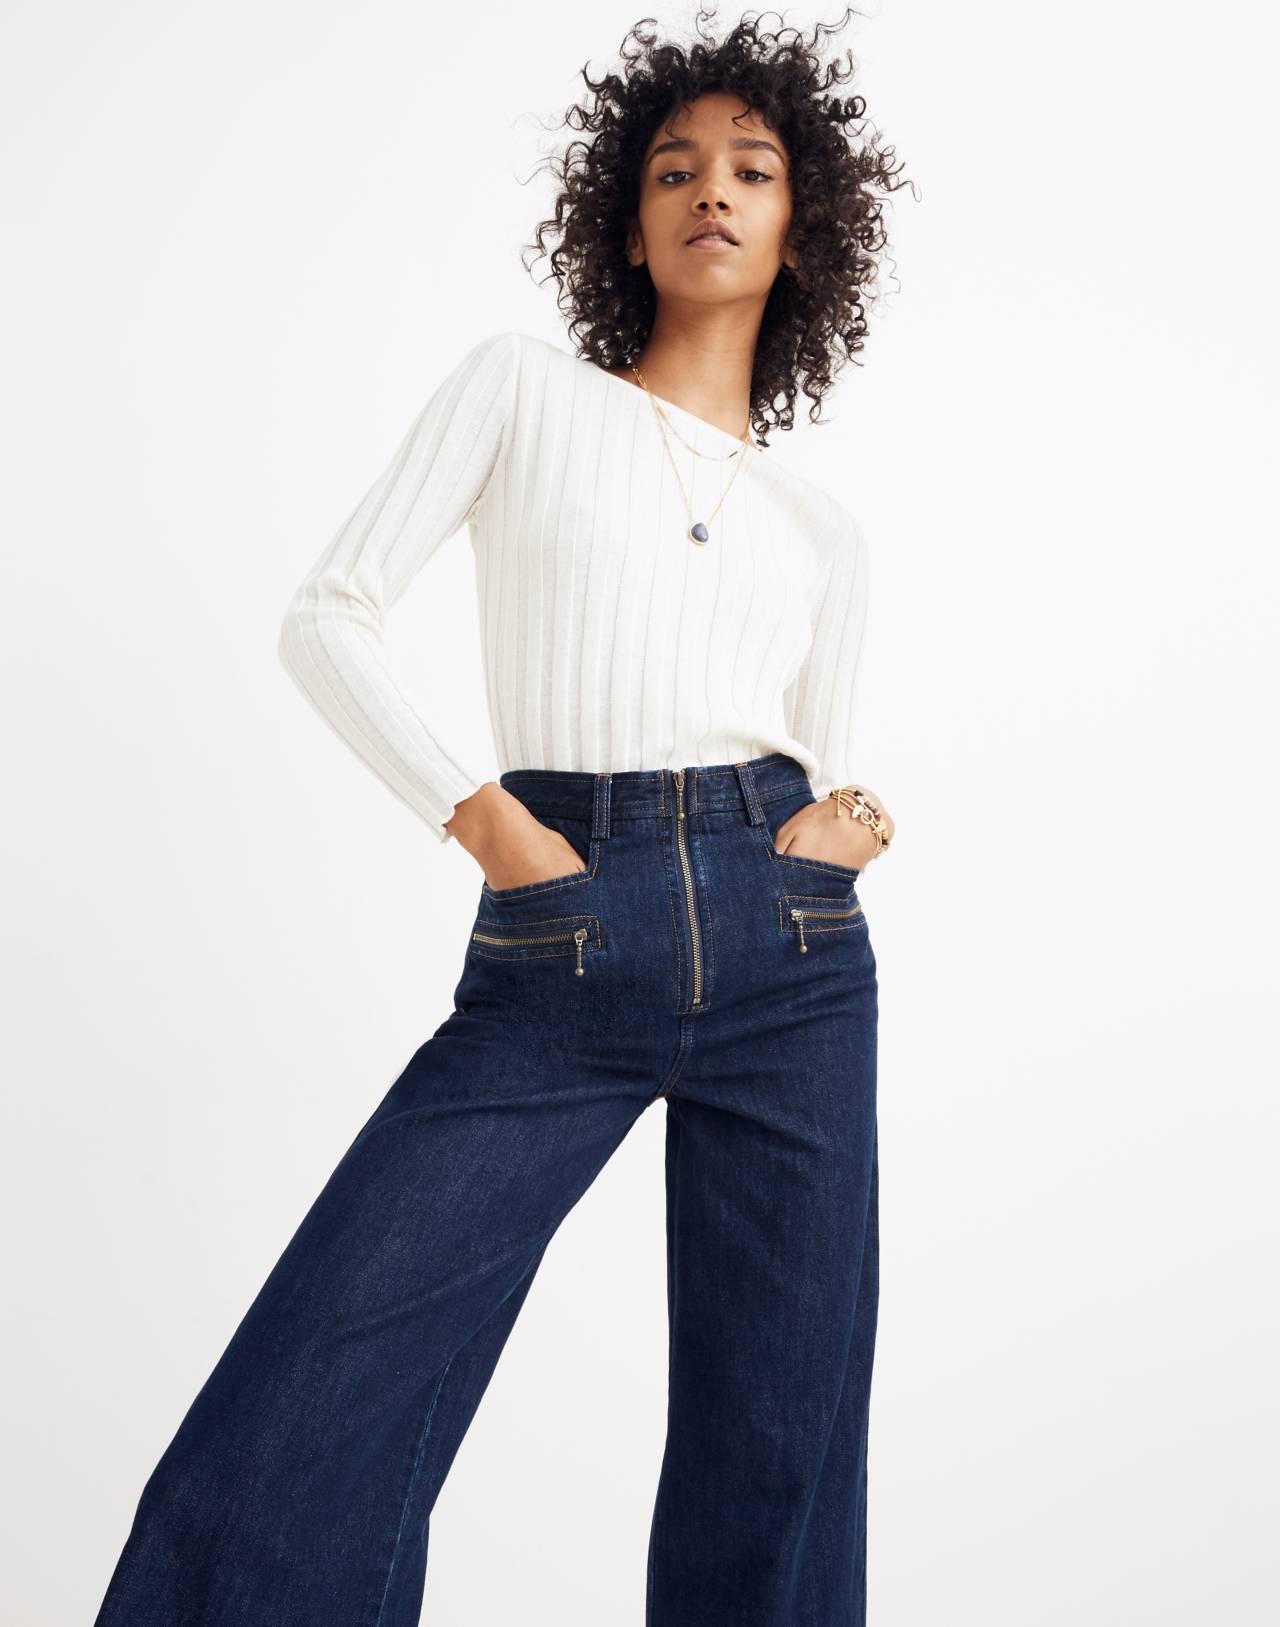 Madewell x Karen Walker® Blazar Zip Wide-Leg Jeans in walker wash image 2